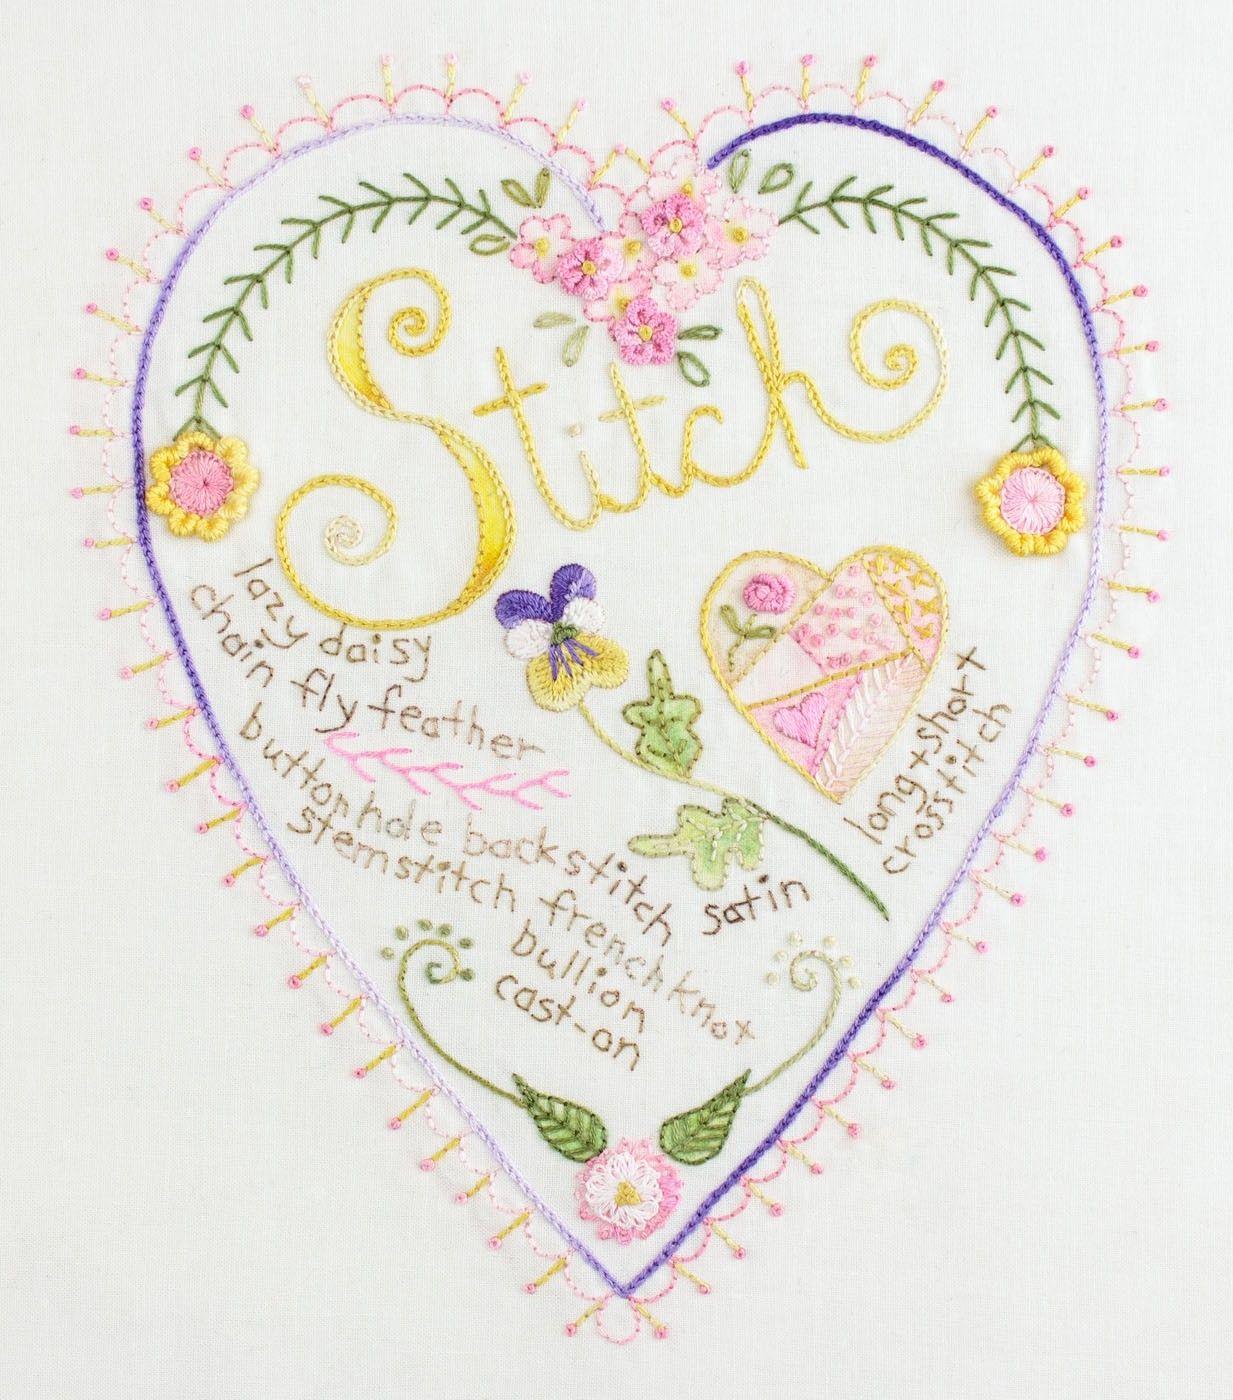 Stitch Heart Sampler   Bordado a mano y crazy 2 IEP